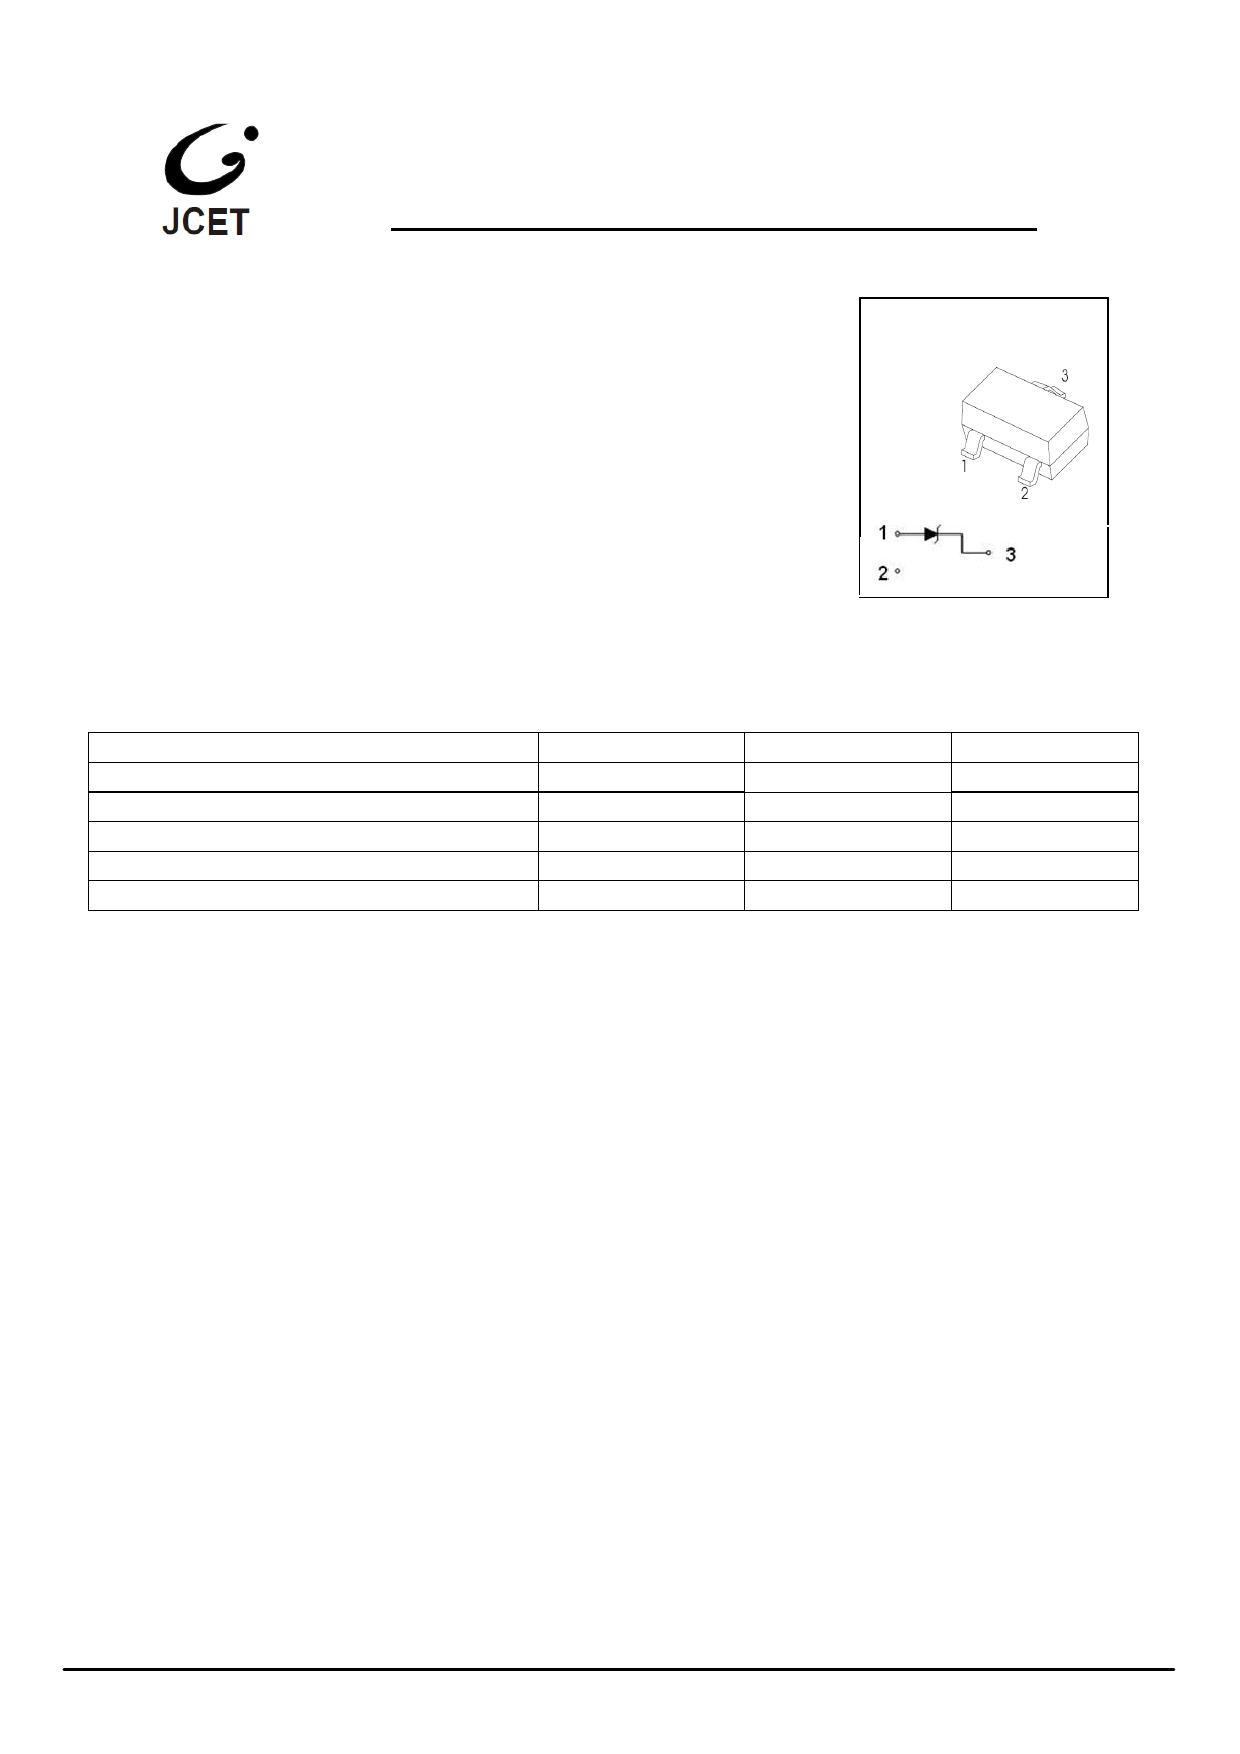 zener diode 5.1 v datasheet pdf